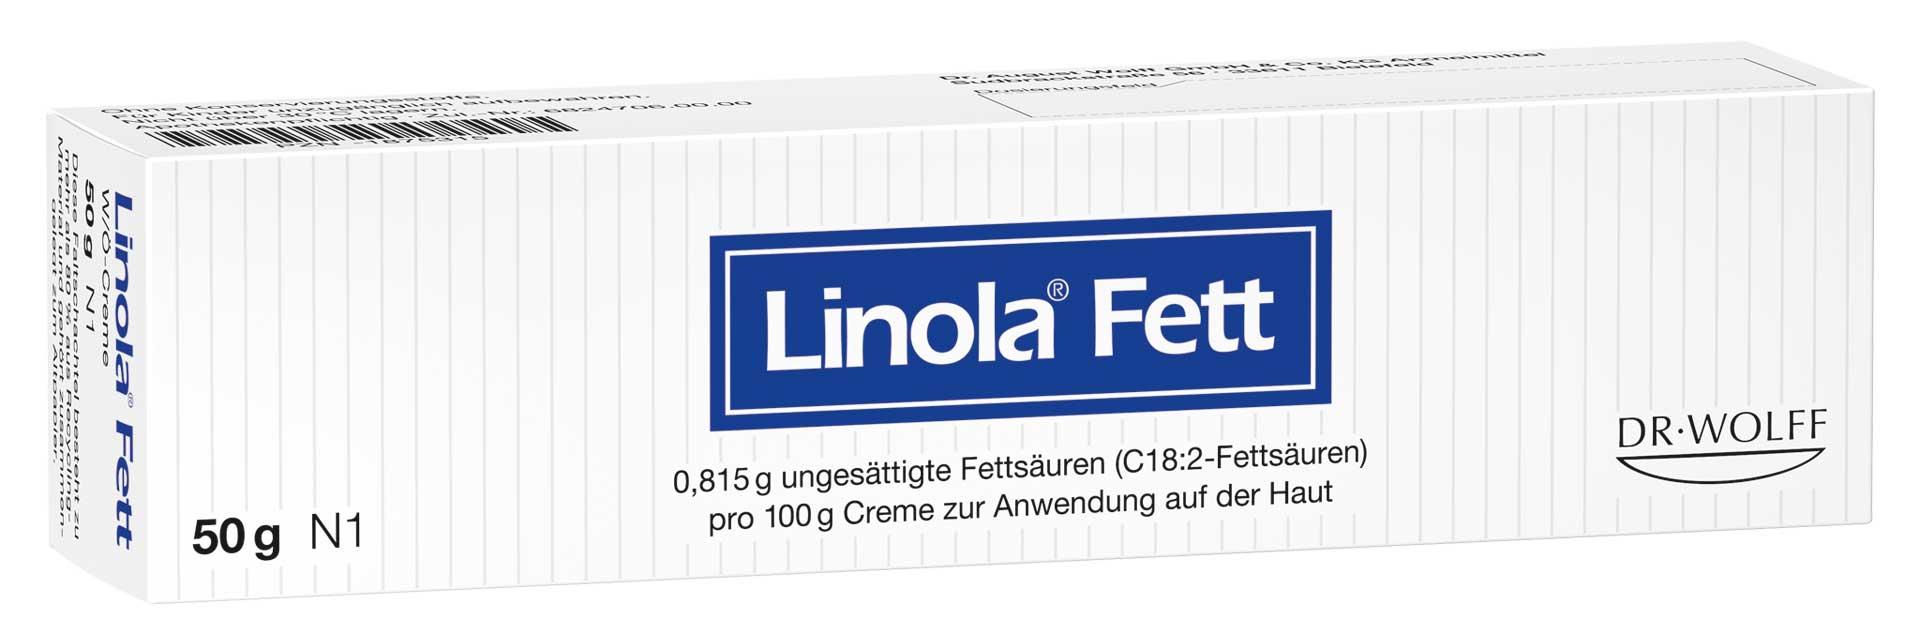 FS-LFett-50g